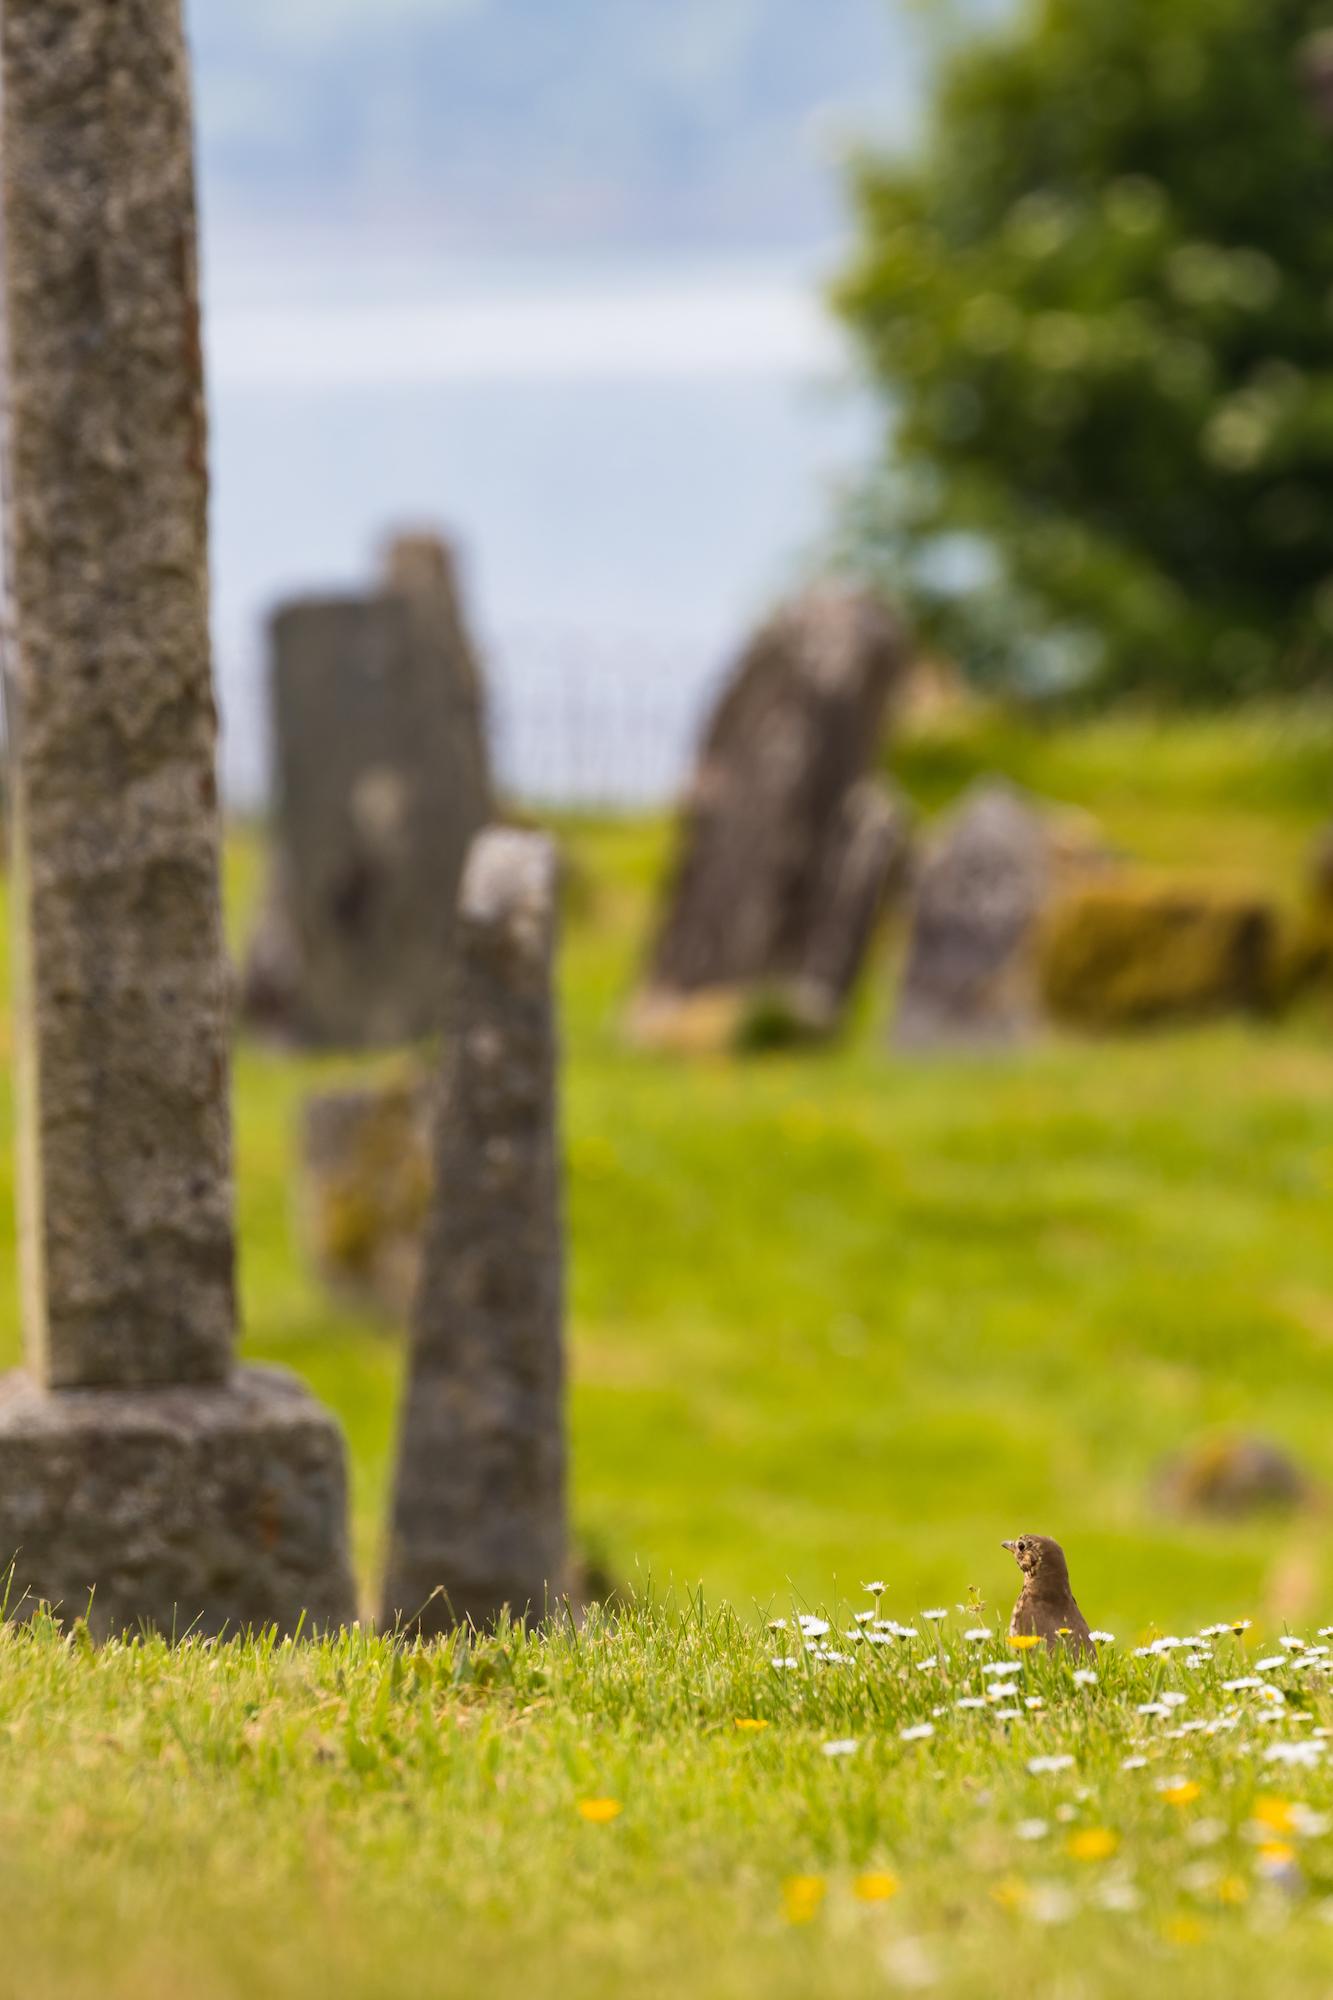 (1157) Song Thrush Amongst the Daisies, Kiel Church, Lochaline, Morvern, Scottish Highlands, Scotland June 2018.jpg